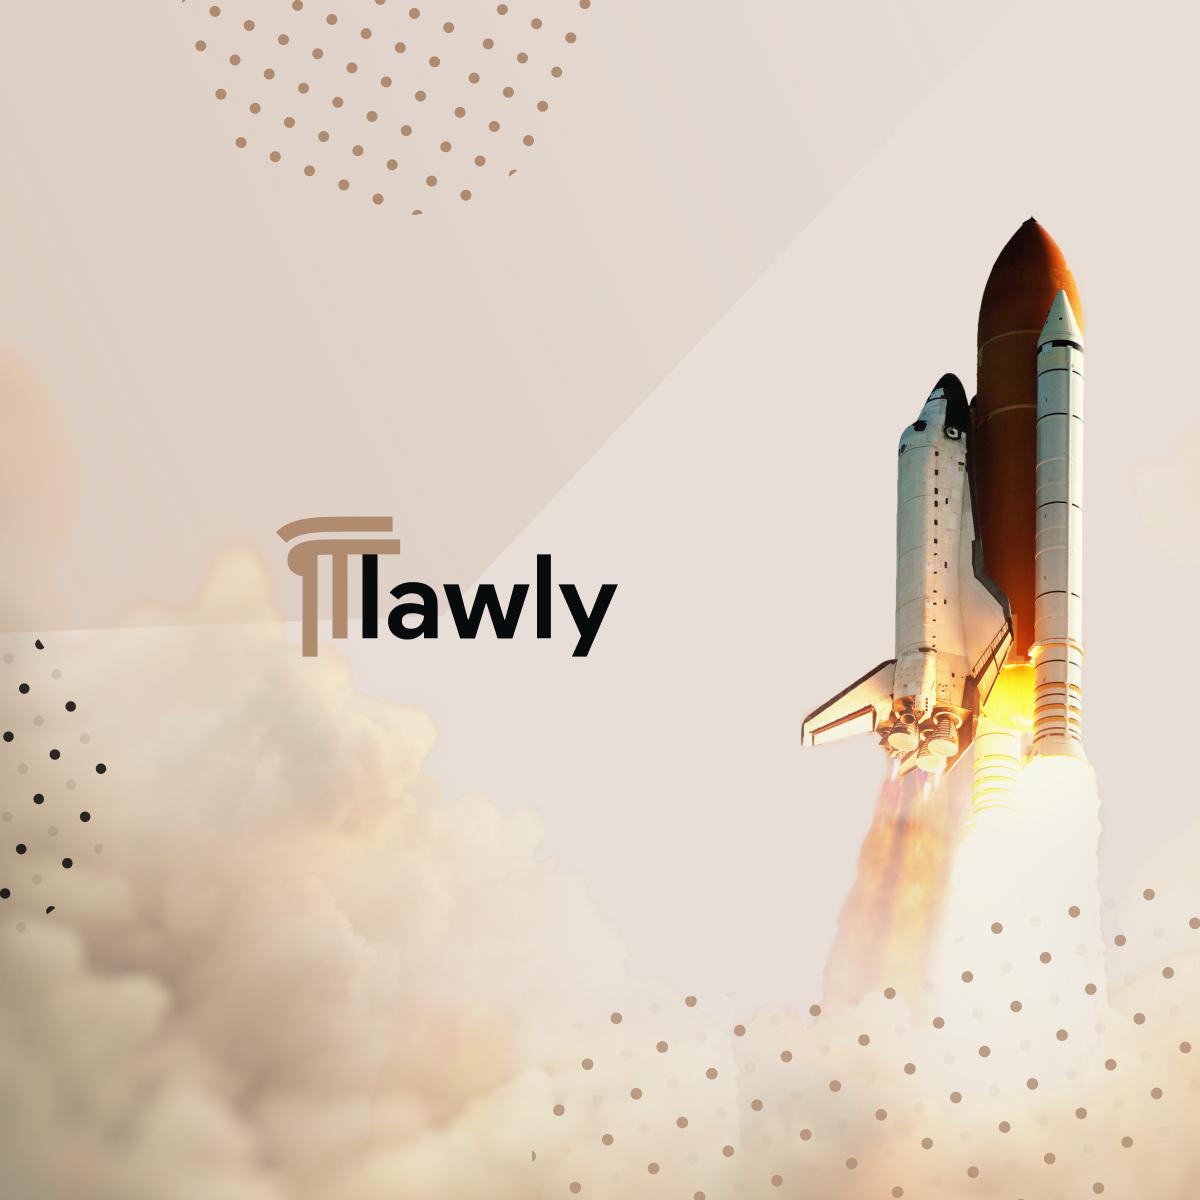 Запуск сервиса Lawly